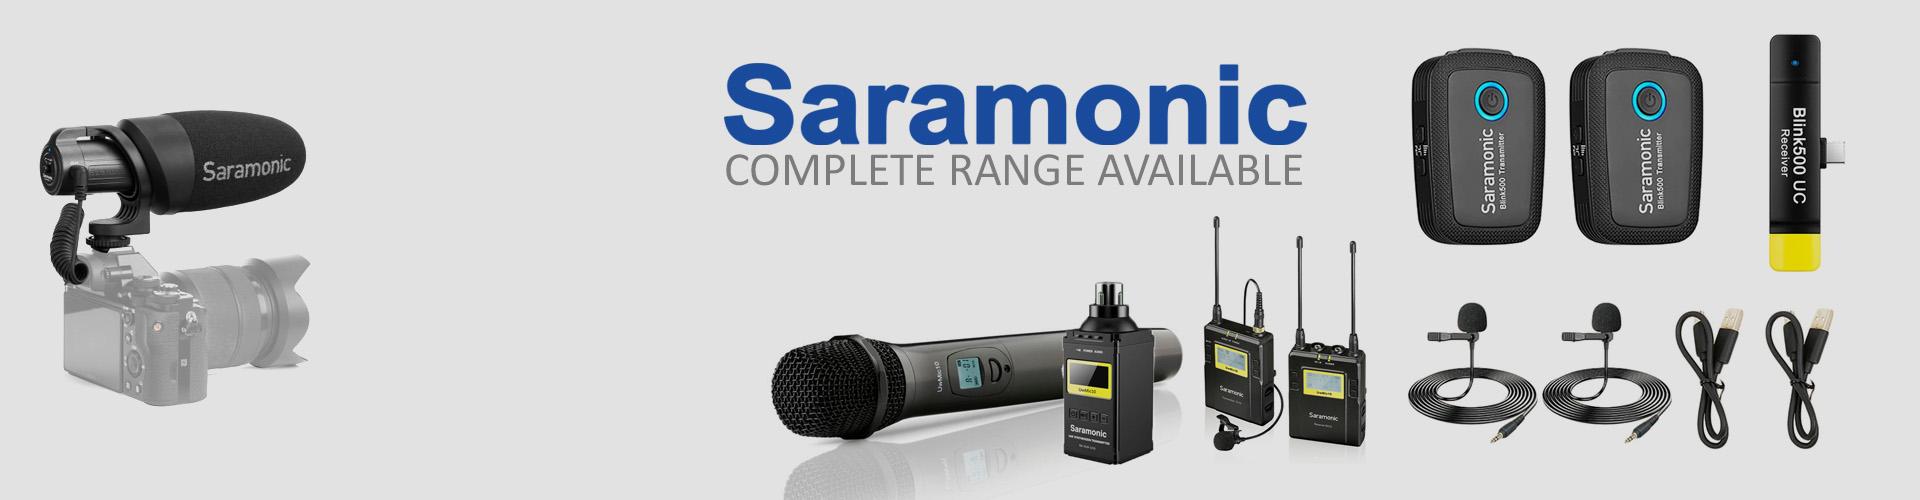 Saramonic Microphones